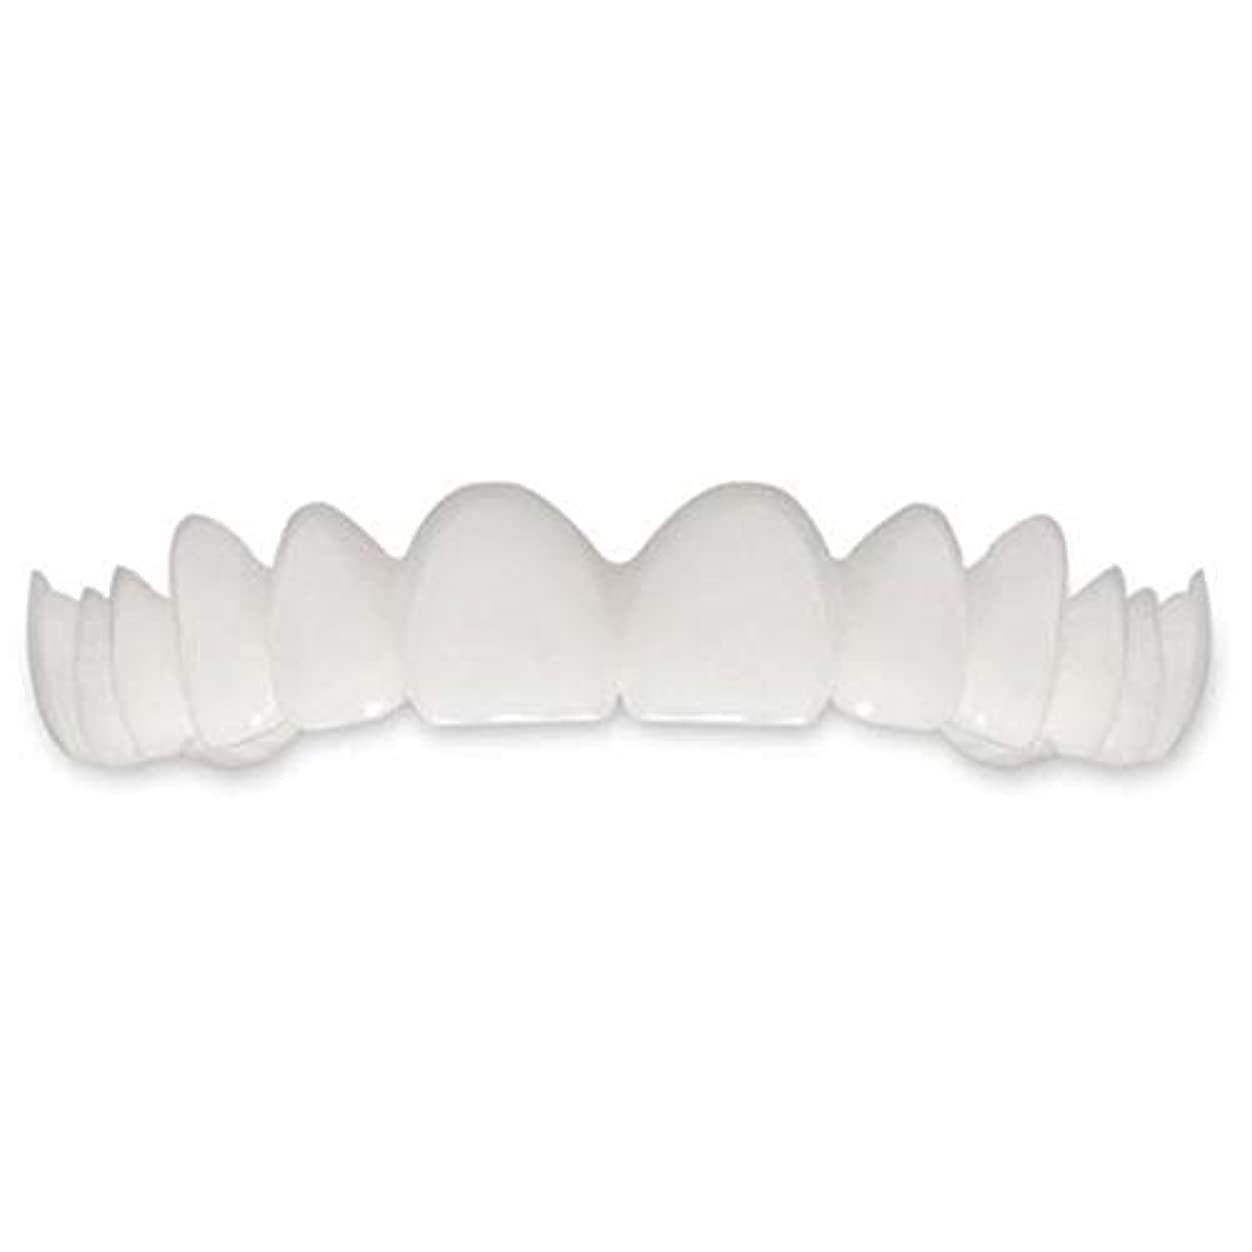 言語学法律明らかに笑顔の偽歯カバーを白くする歯の瞬間の完璧な笑顔フレックス歯 - ホワイト